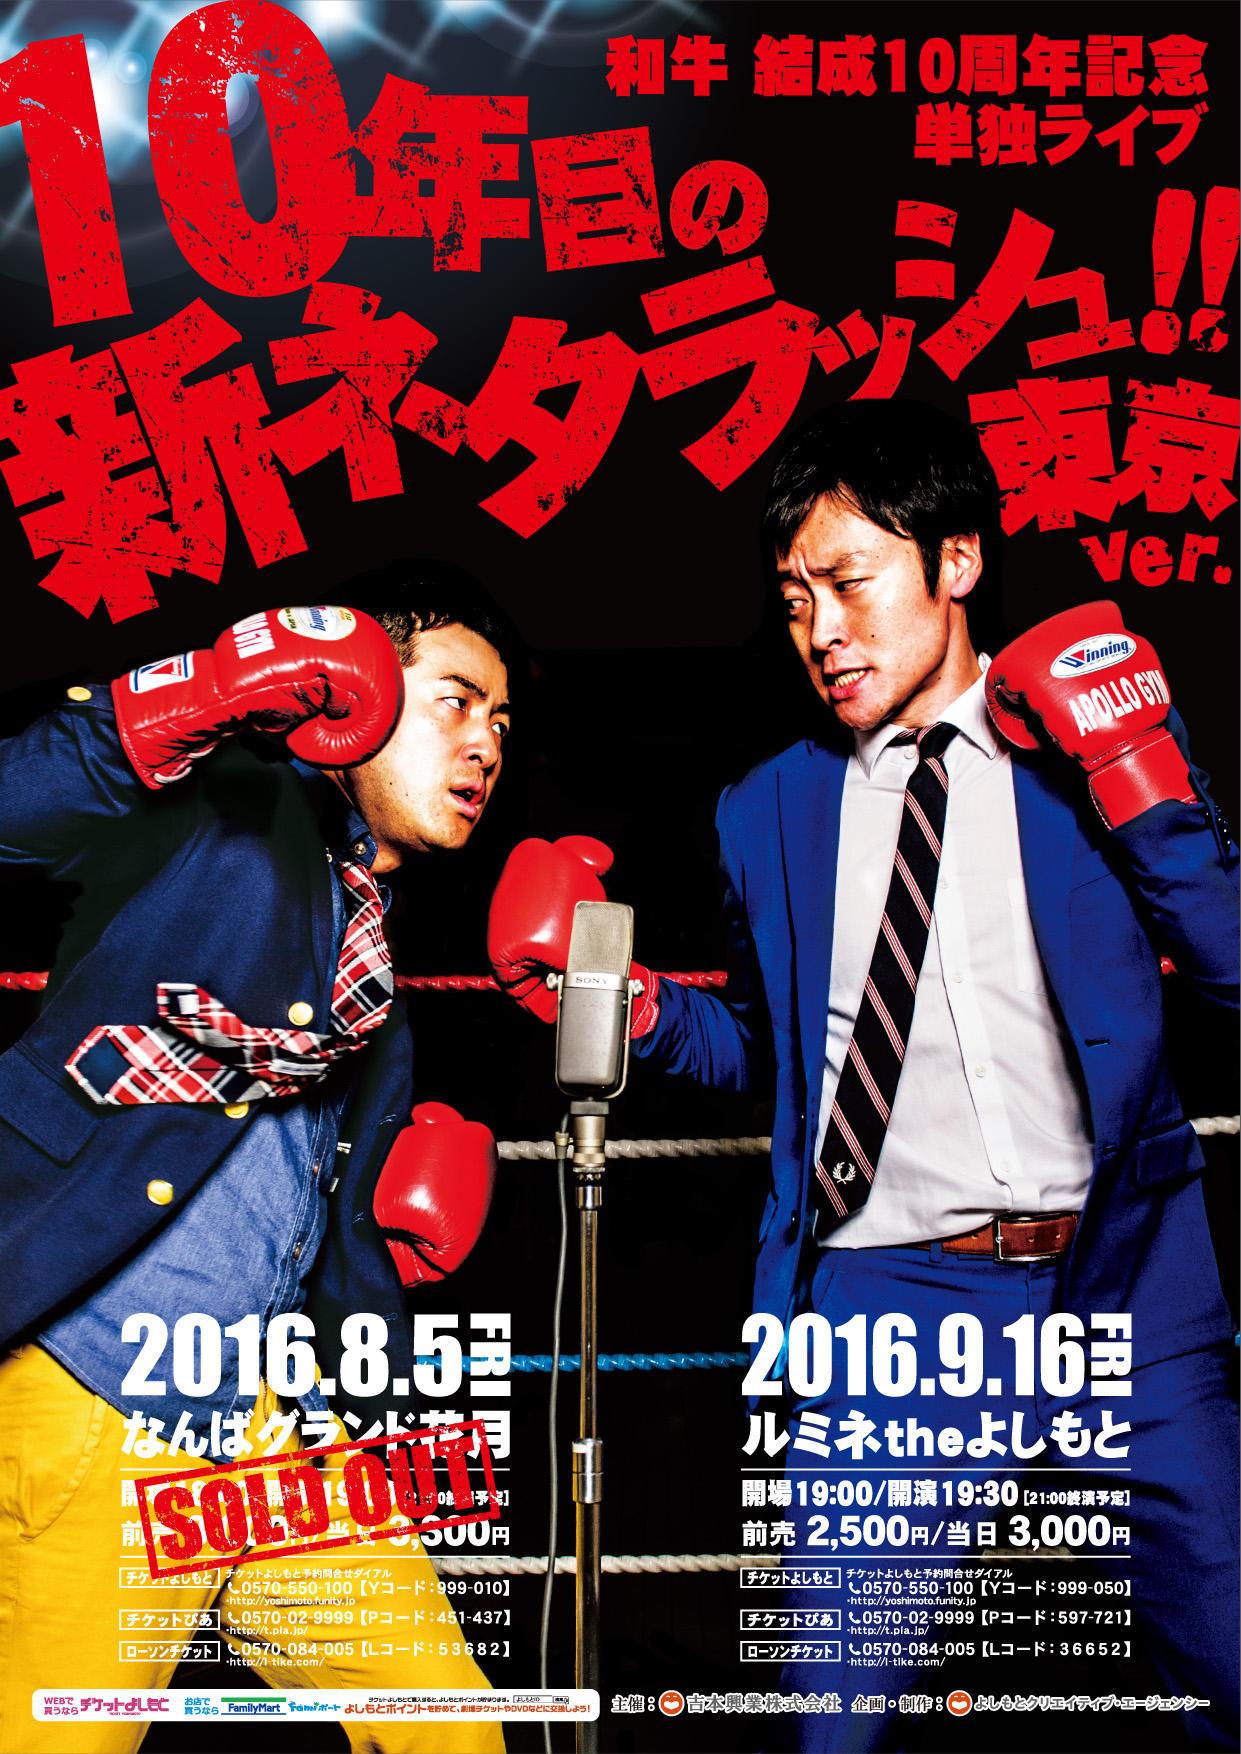 http://news.yoshimoto.co.jp/20160630170556-9a0f4737a2dbb4a61f42eea99320529de9cb6998.jpg